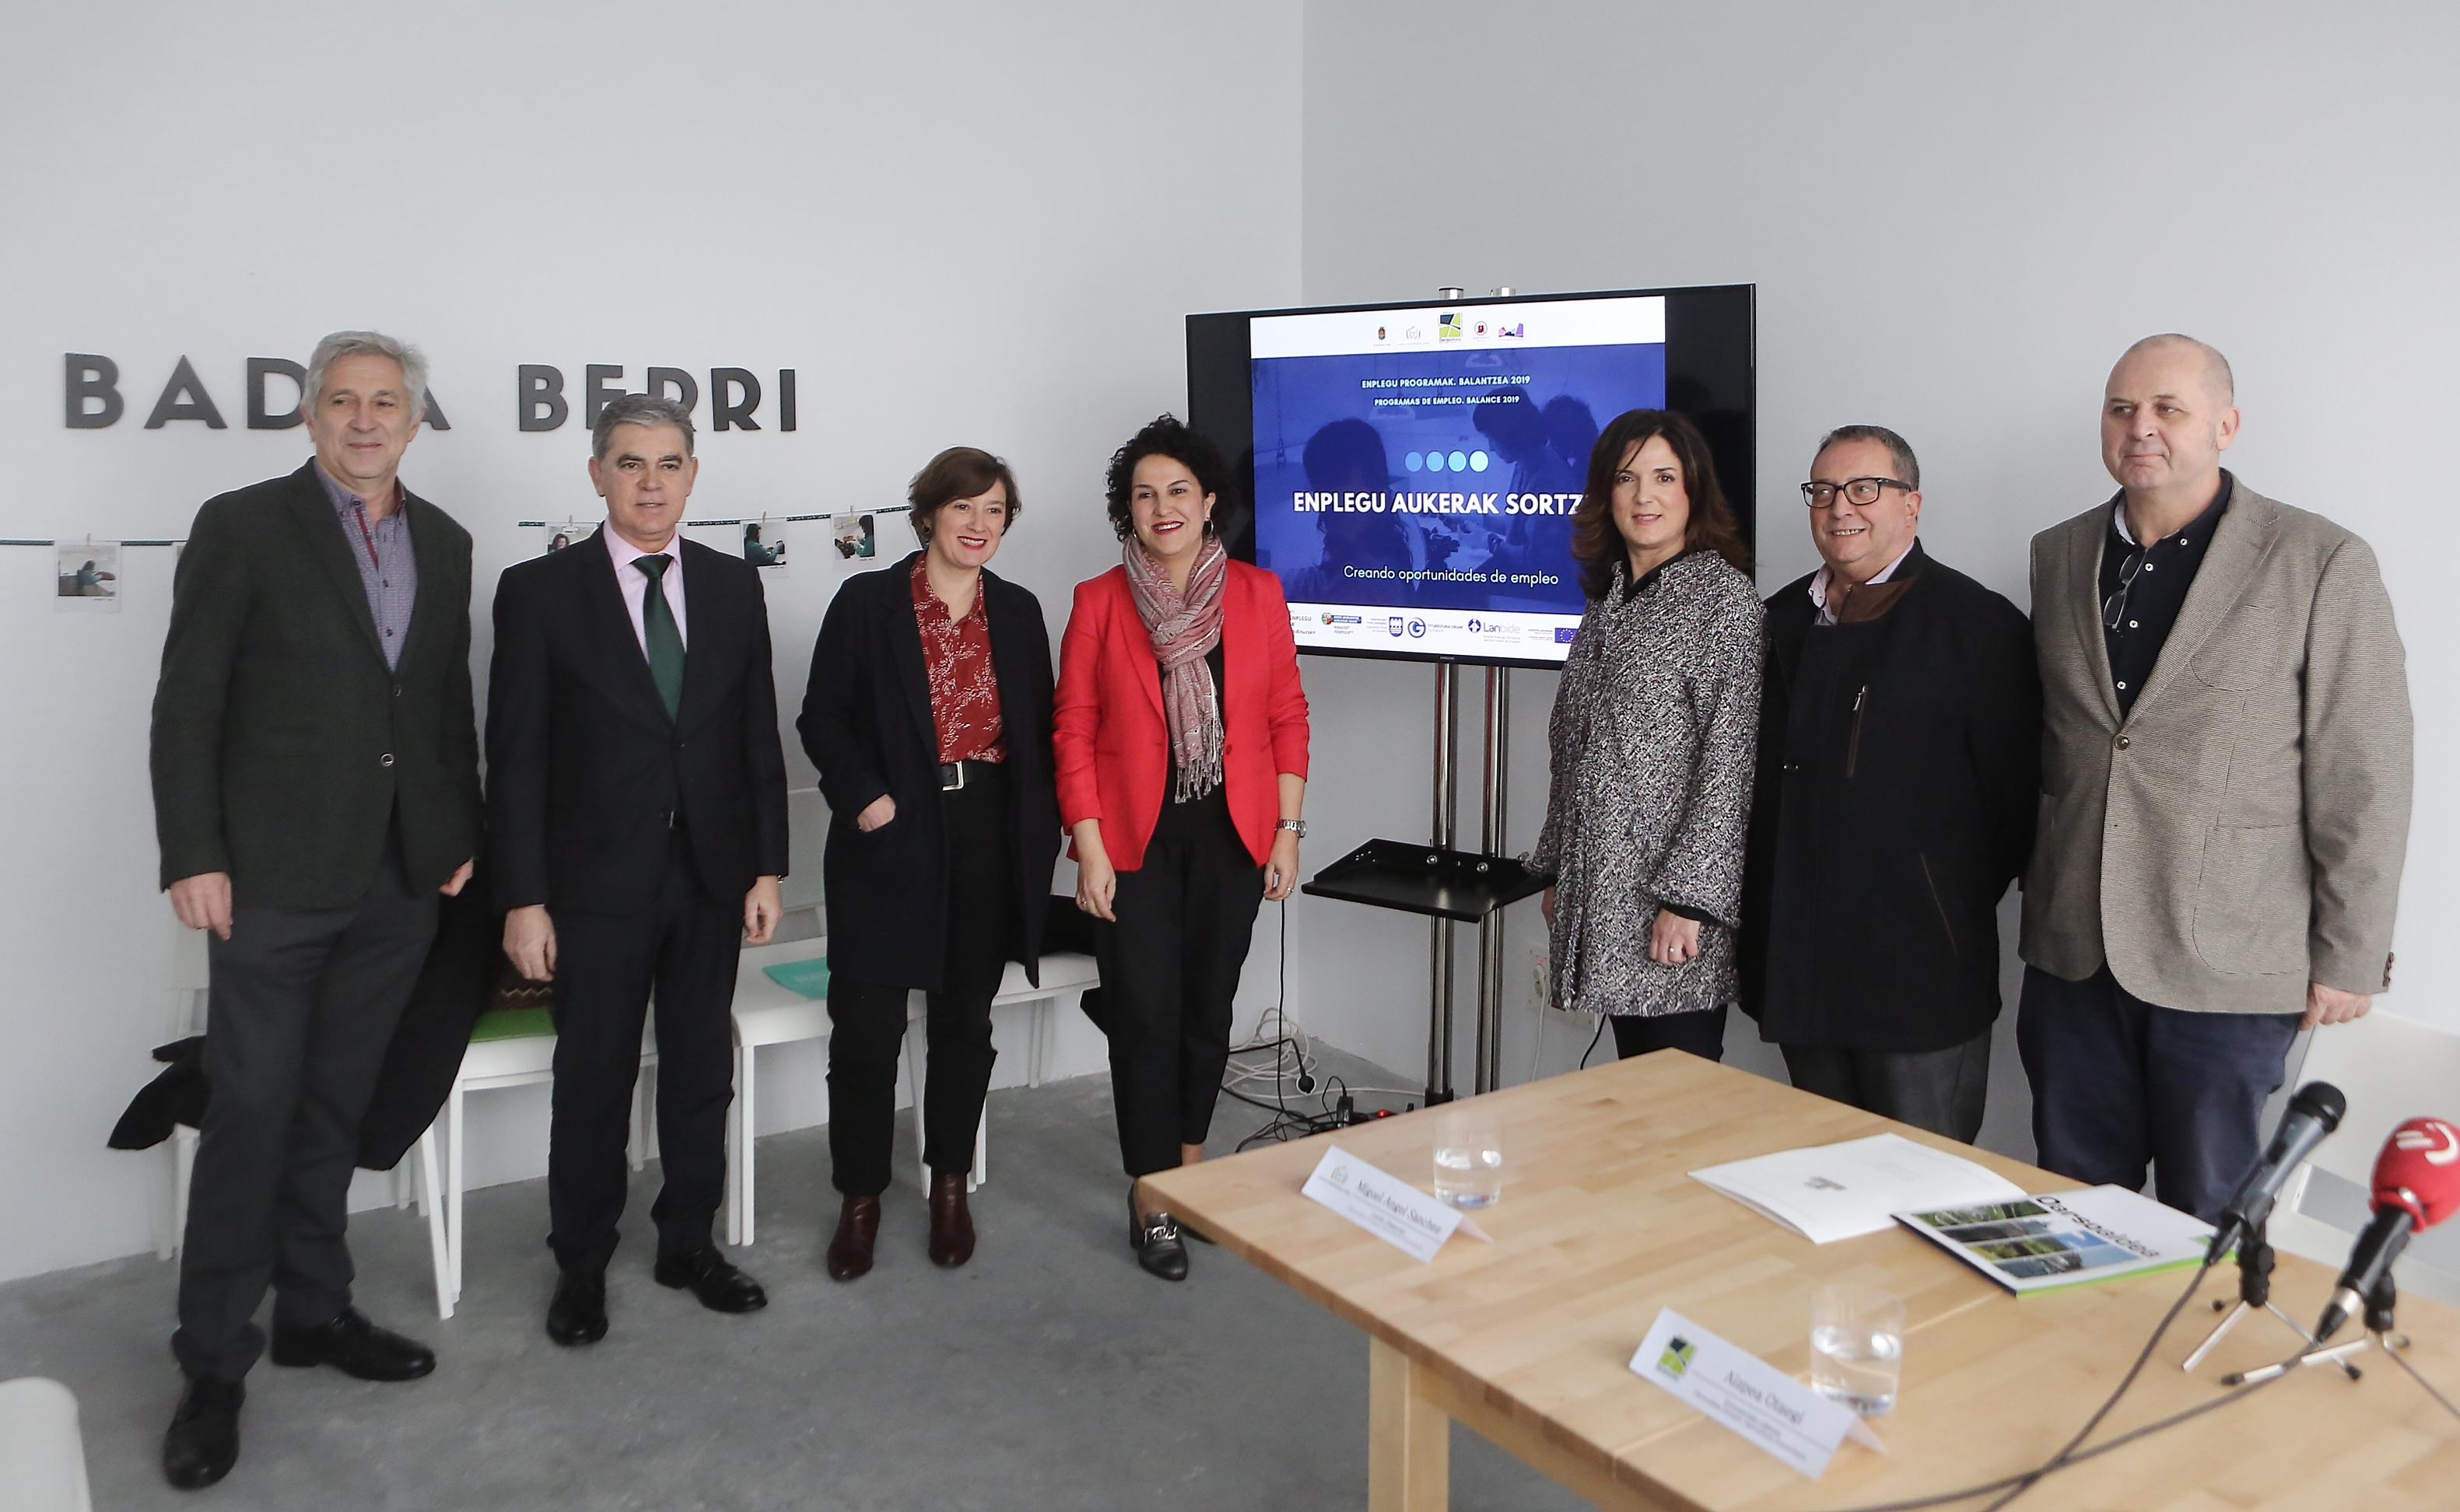 La acción conjunta de Ayuntamientos, Diputación de Gipuzkoa y Lanbide propicia una inversión superior a los 2,5 millones en programas de empleo en Oarsoaldea